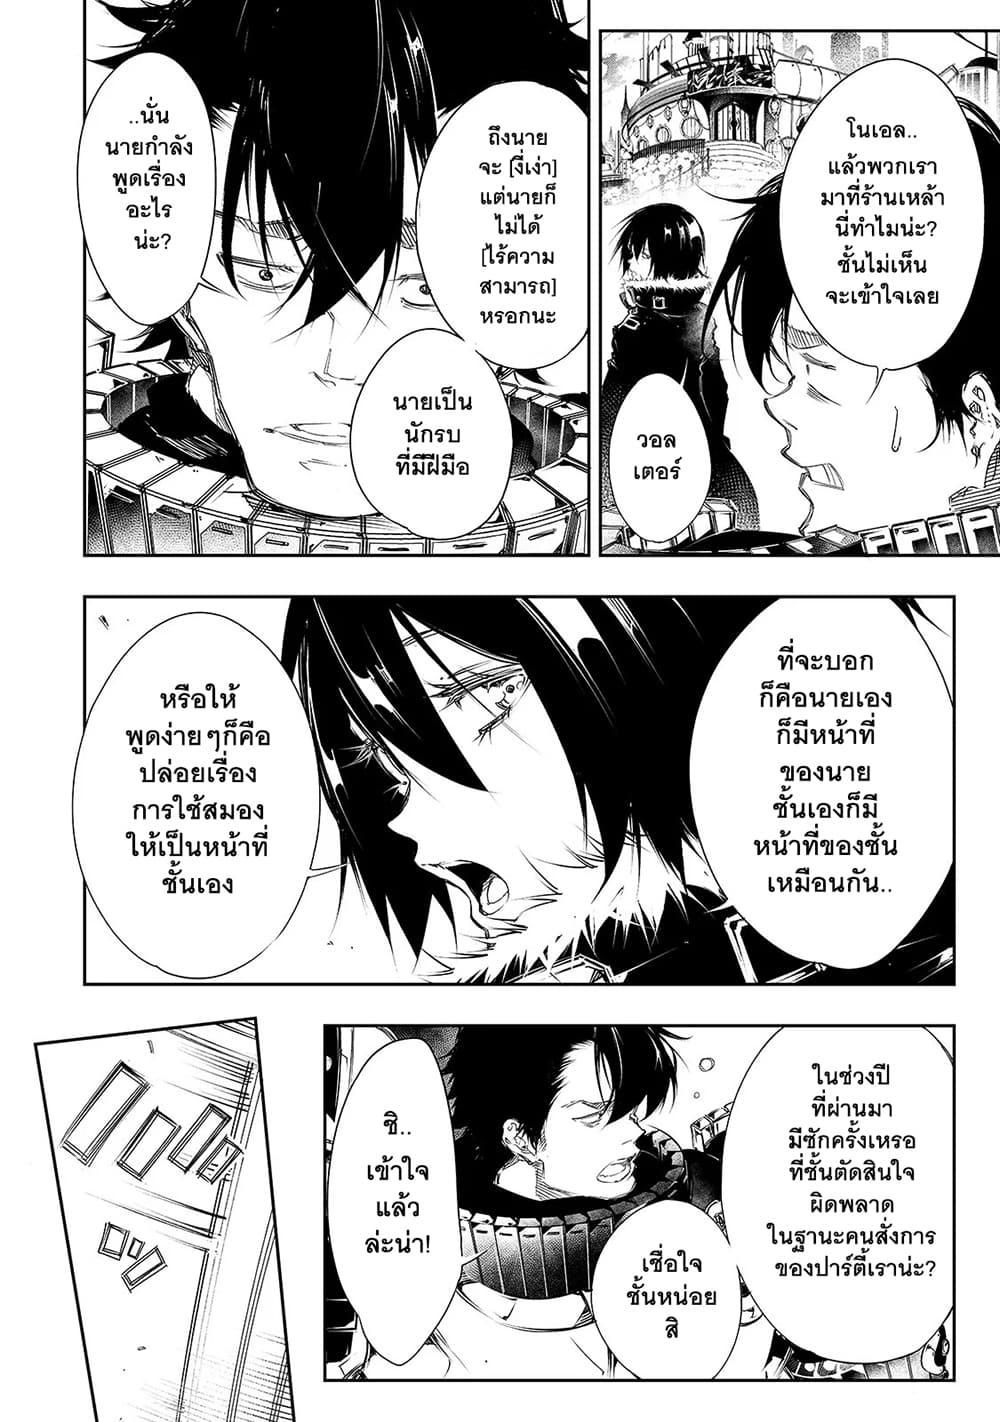 อ่านการ์ตูน Saikyou no Shien-shoku Wajutsushi Dearu Ore wa Sekai Saikyou Kuran o Shitagaeru ตอนที่ 5 หน้าที่ 11